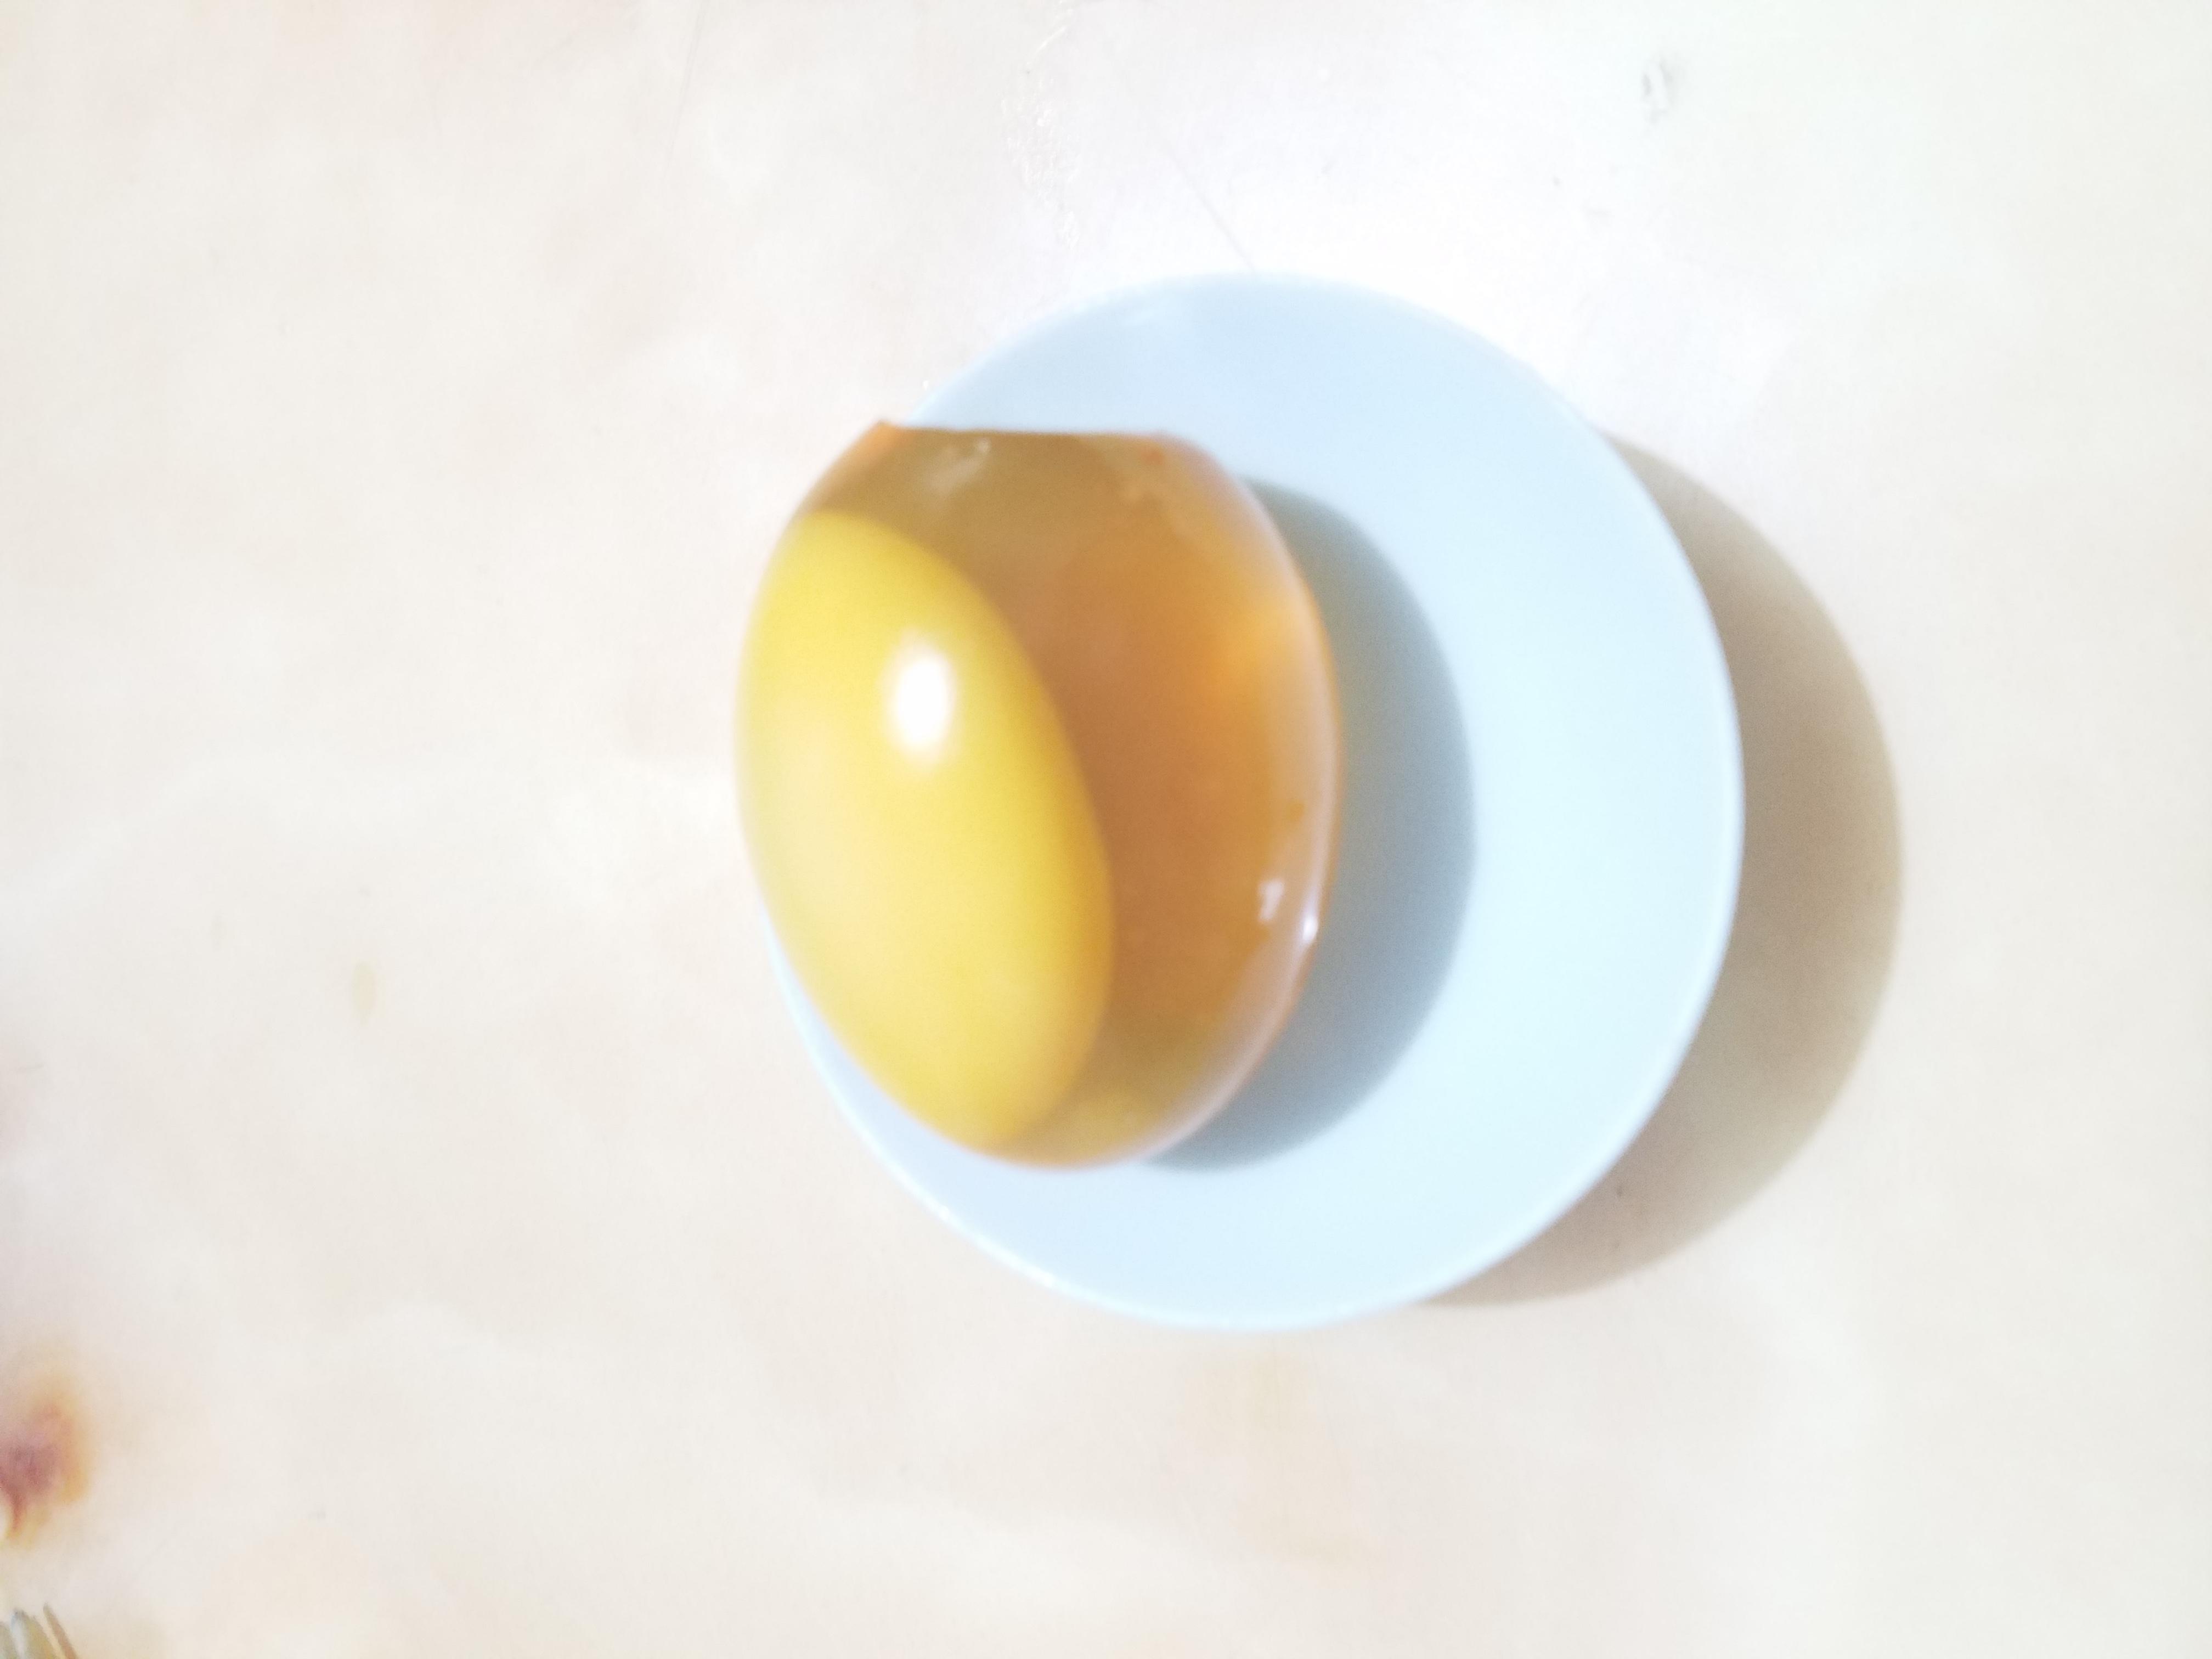 [无铅皮蛋批发]无铅皮蛋 价格1.5元/个